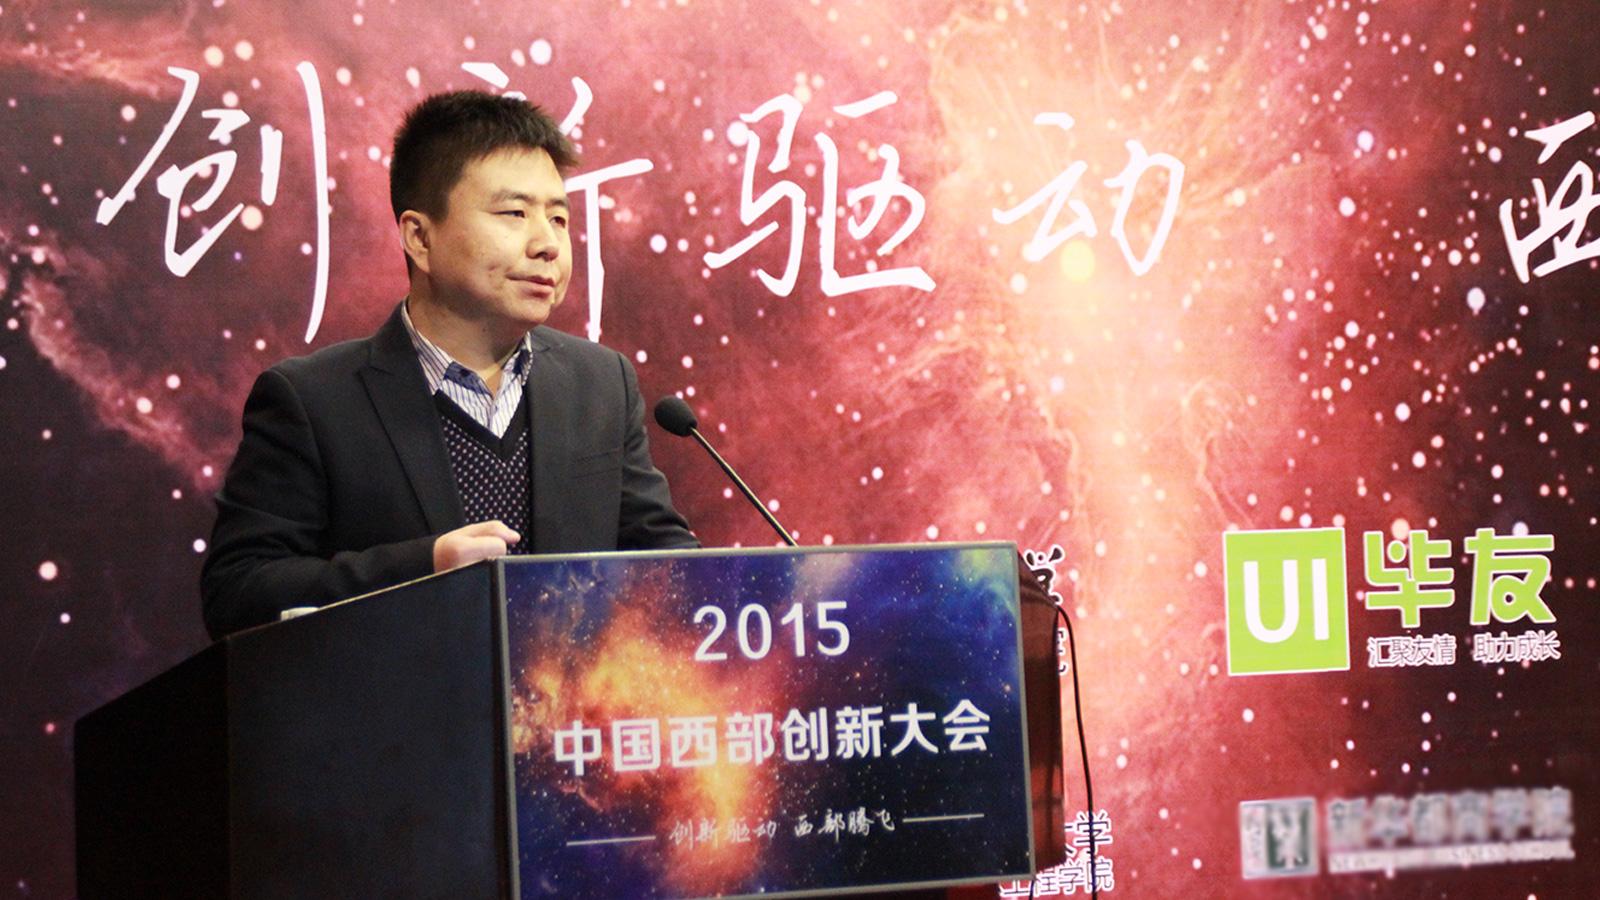 毕友创始人郑海峰在2015西部创新大会上的致辞